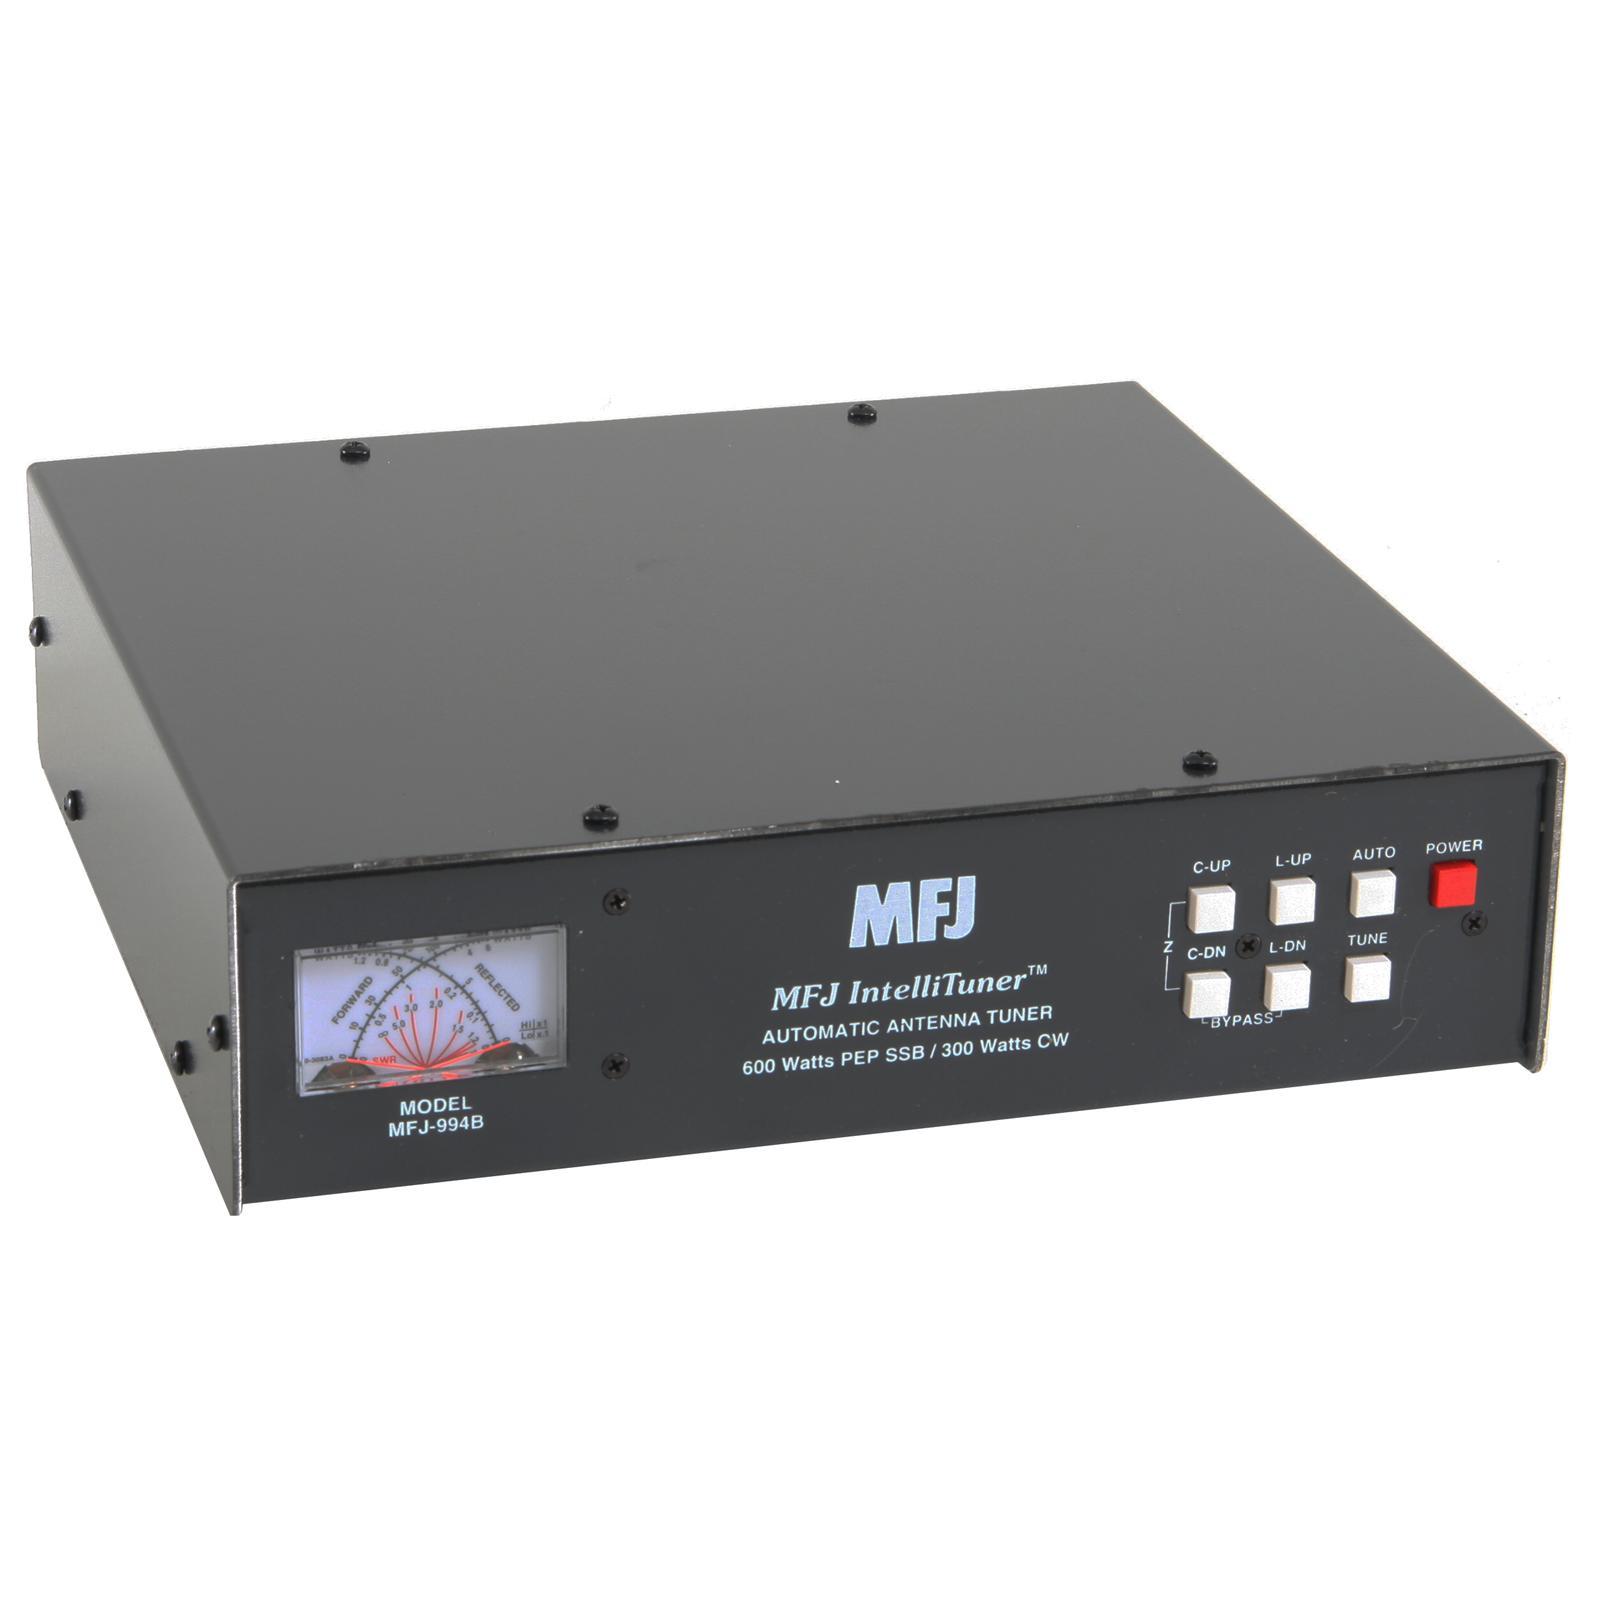 Watt Draw Meter: MFJ 994B IntelliTuner™ Automatic Antenna Tuners MFJ-994B